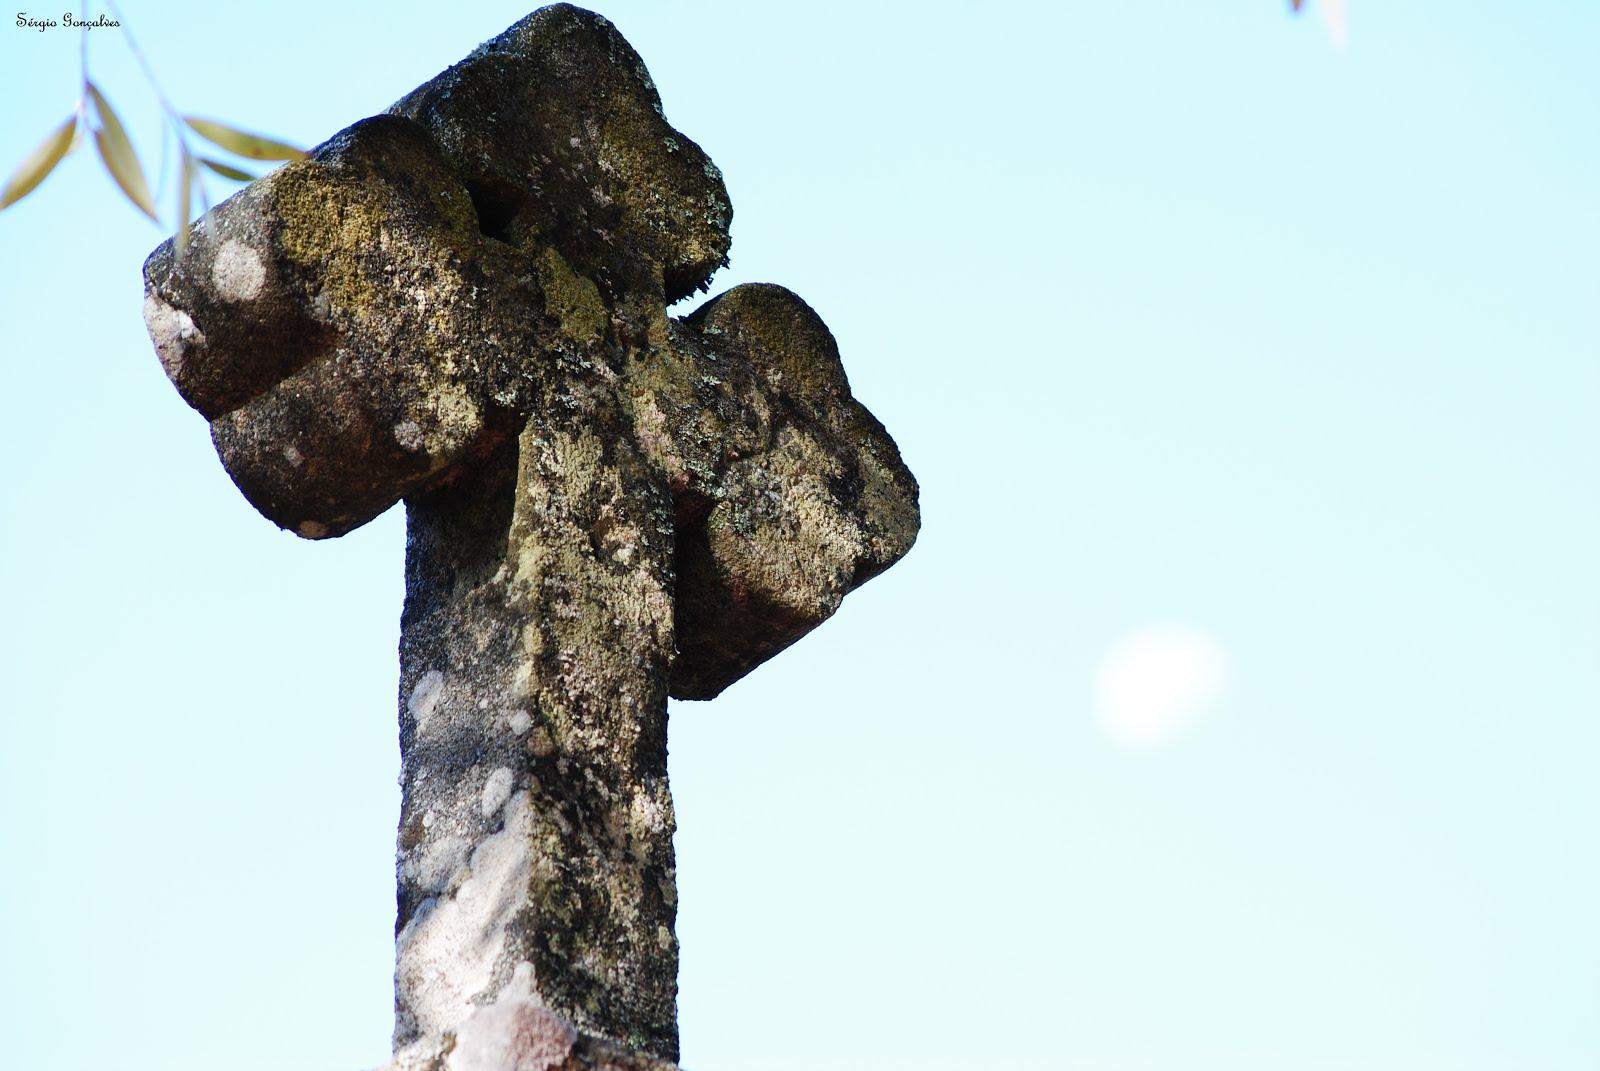 A cruz do Espigueiro / Canastro